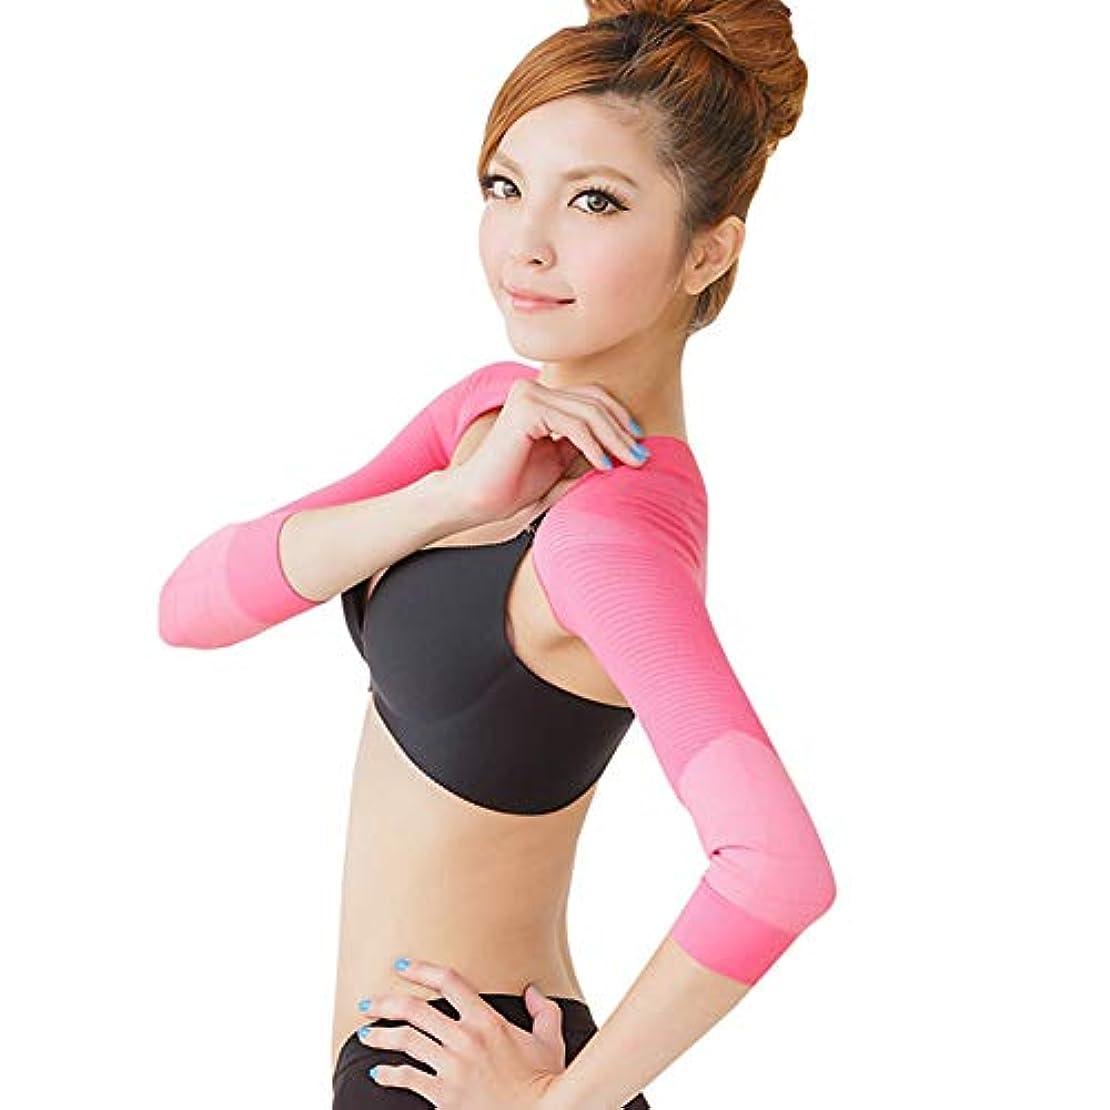 繊維トーナメント薬理学IYUNYI 女性 姿勢 矯正 二の腕シェイプケア 猫背矯正 肩サポーター 補正下着 補正インナー 二の腕痩せ 二の腕シェイパー (ピンク, XL)